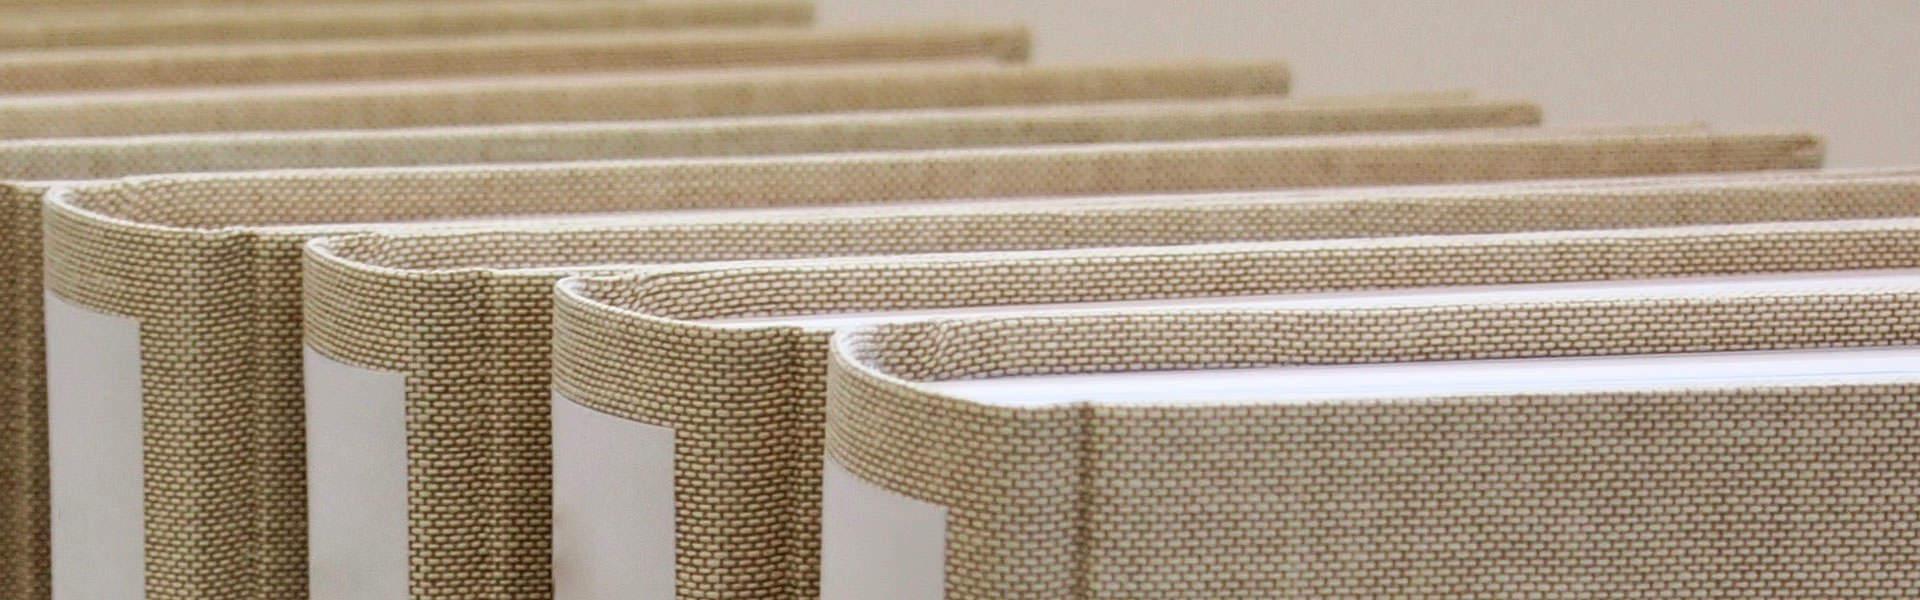 Protokolle - Buchbinderei Papierhandwerk